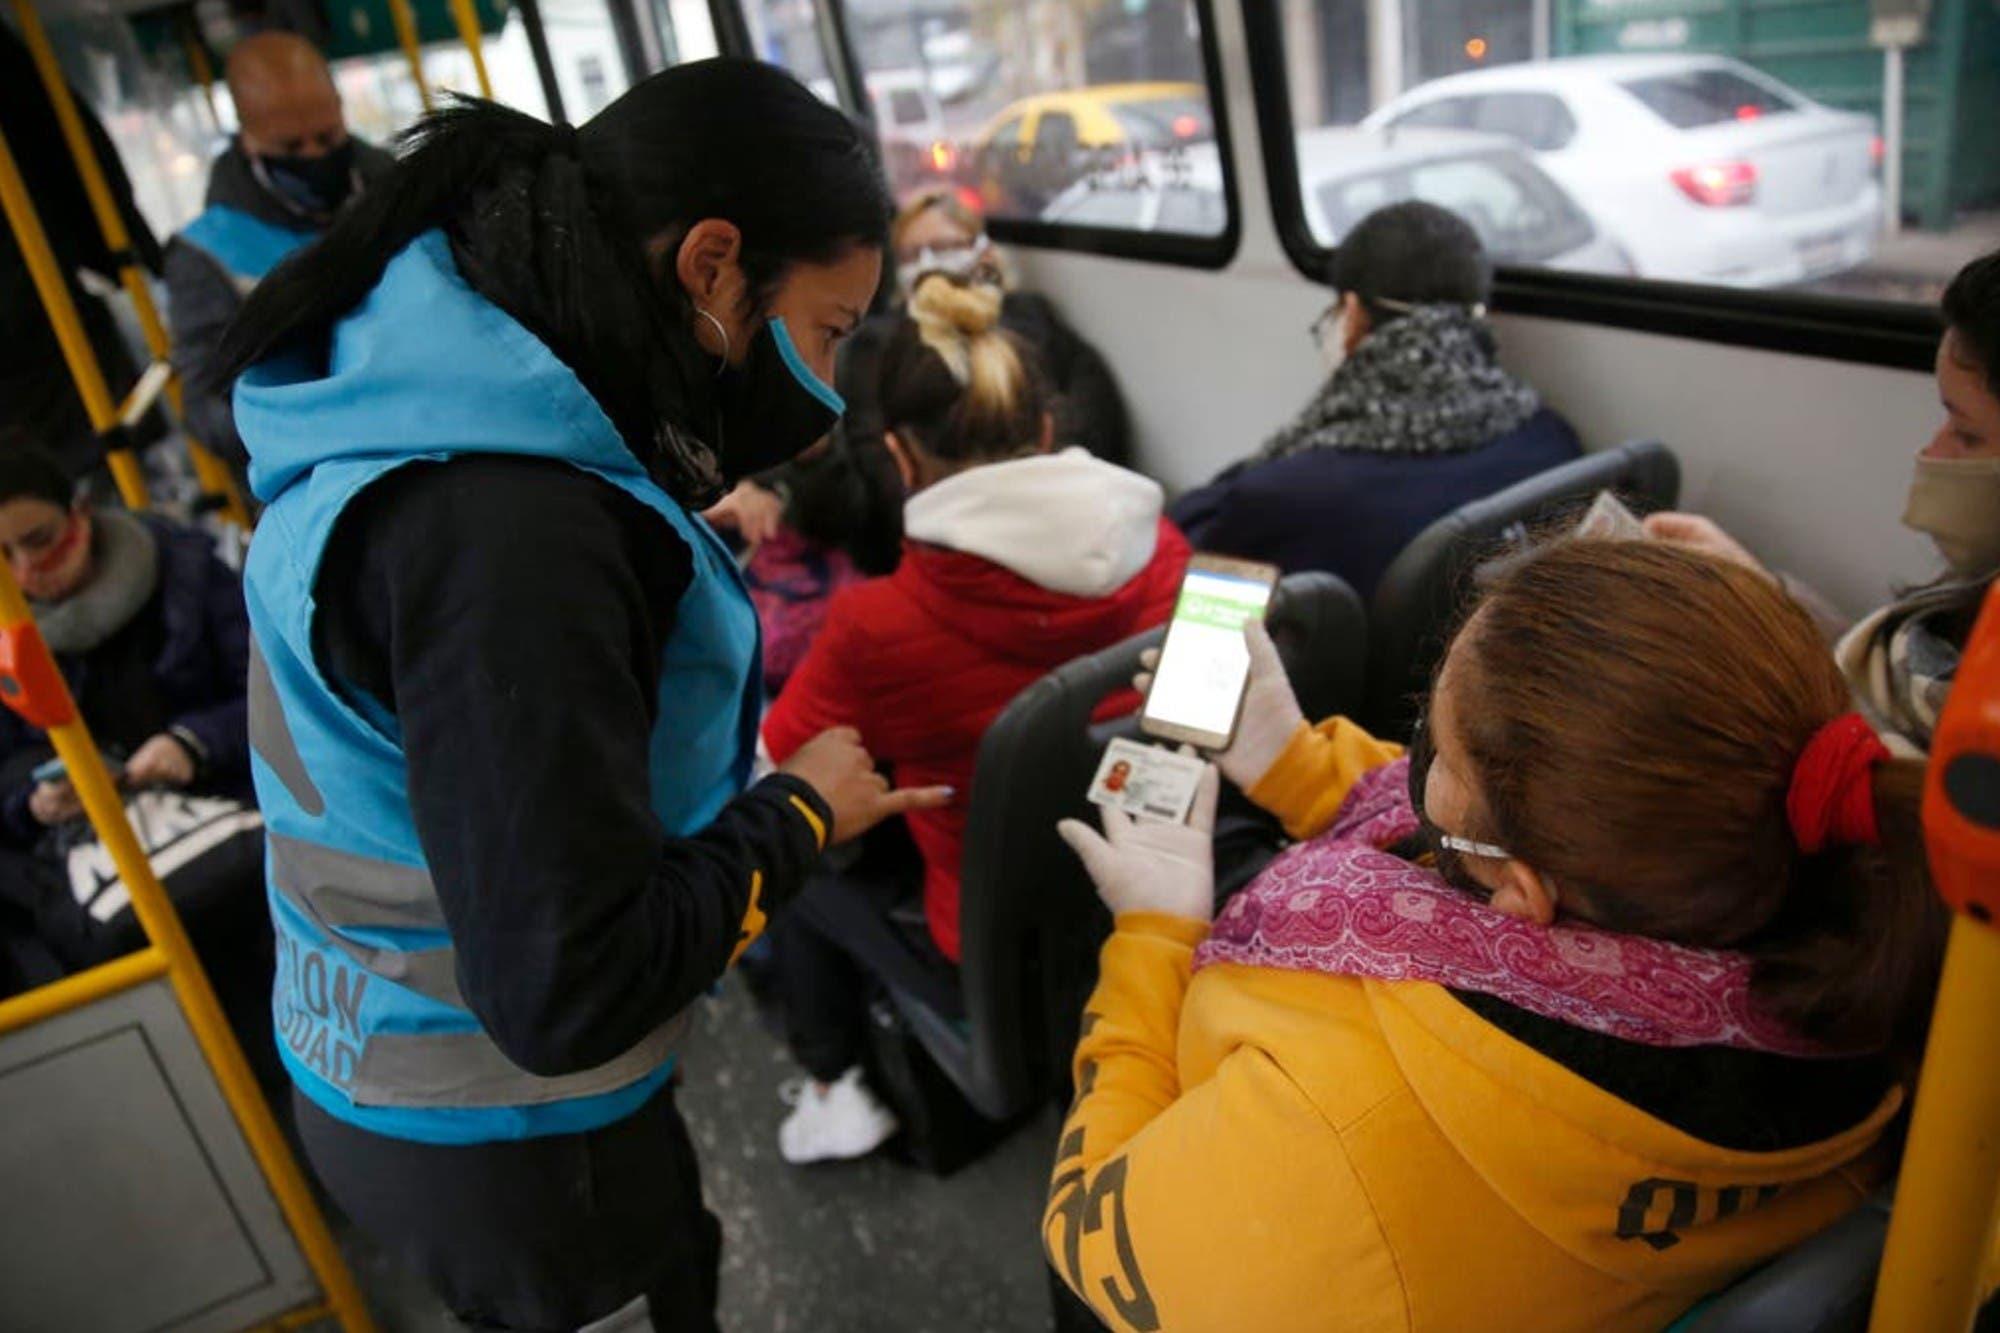 Cuarentena en la Argentina: ¿qué va a pasar con el transporte público?